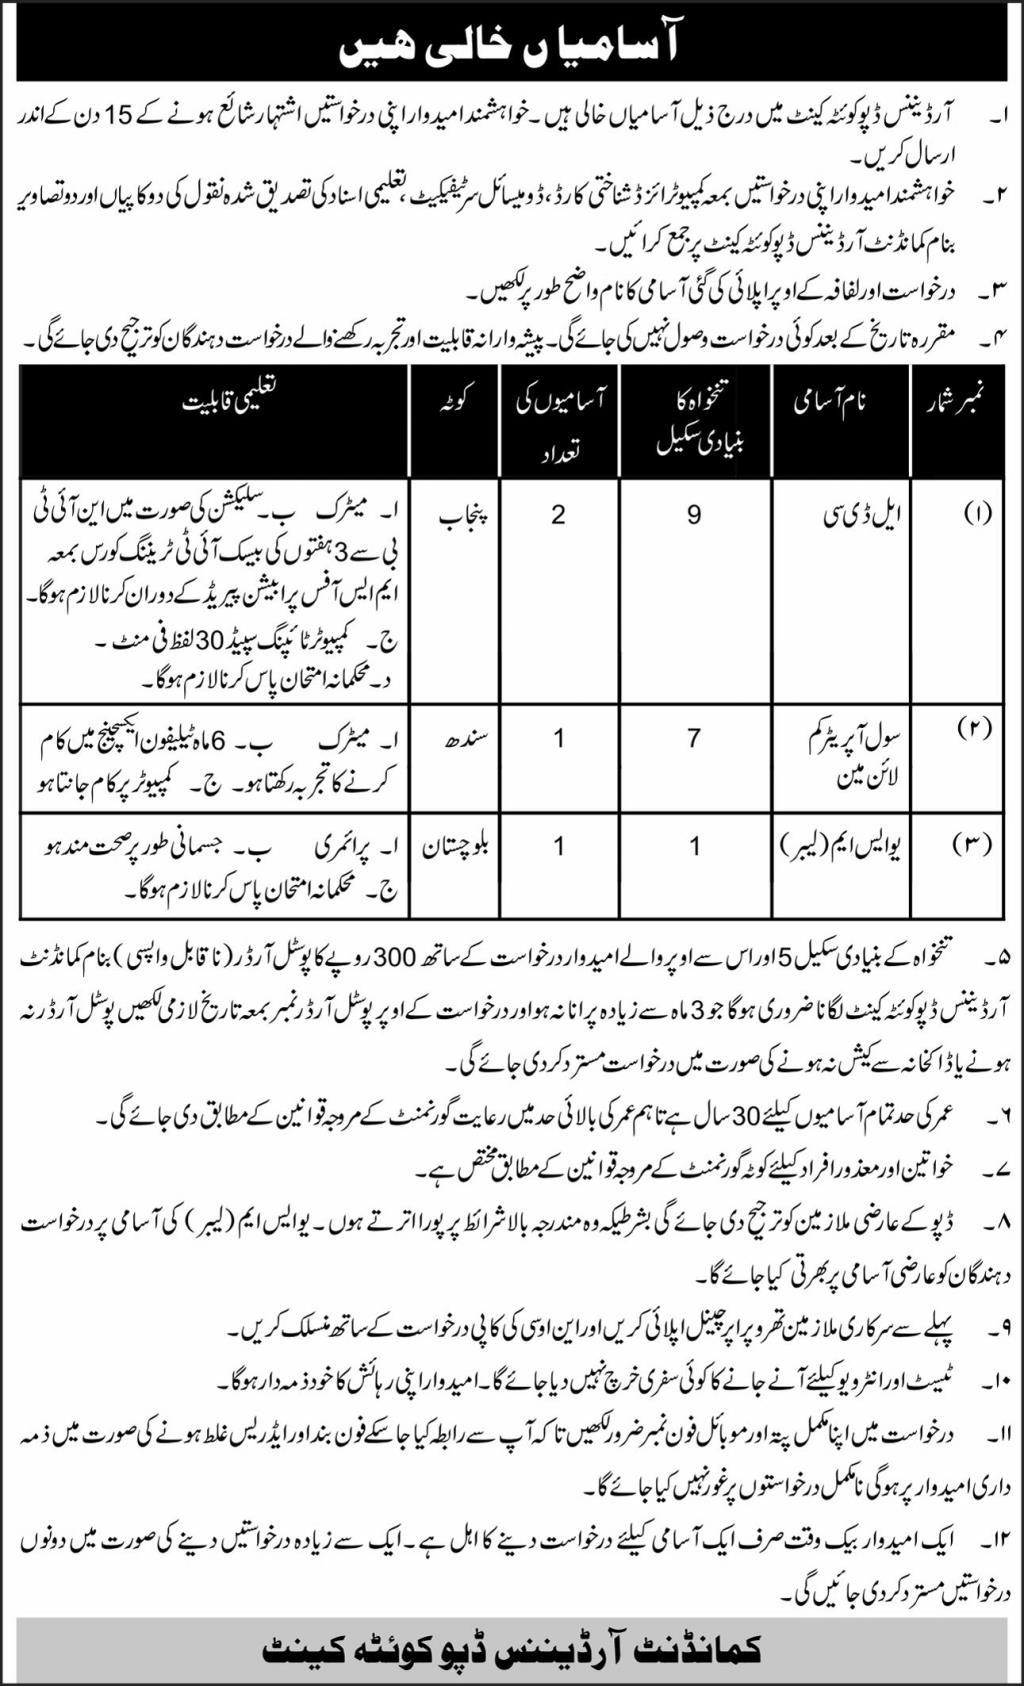 Pak Army Ordnance Depot Quetta Jobs June 2021 Advertisement